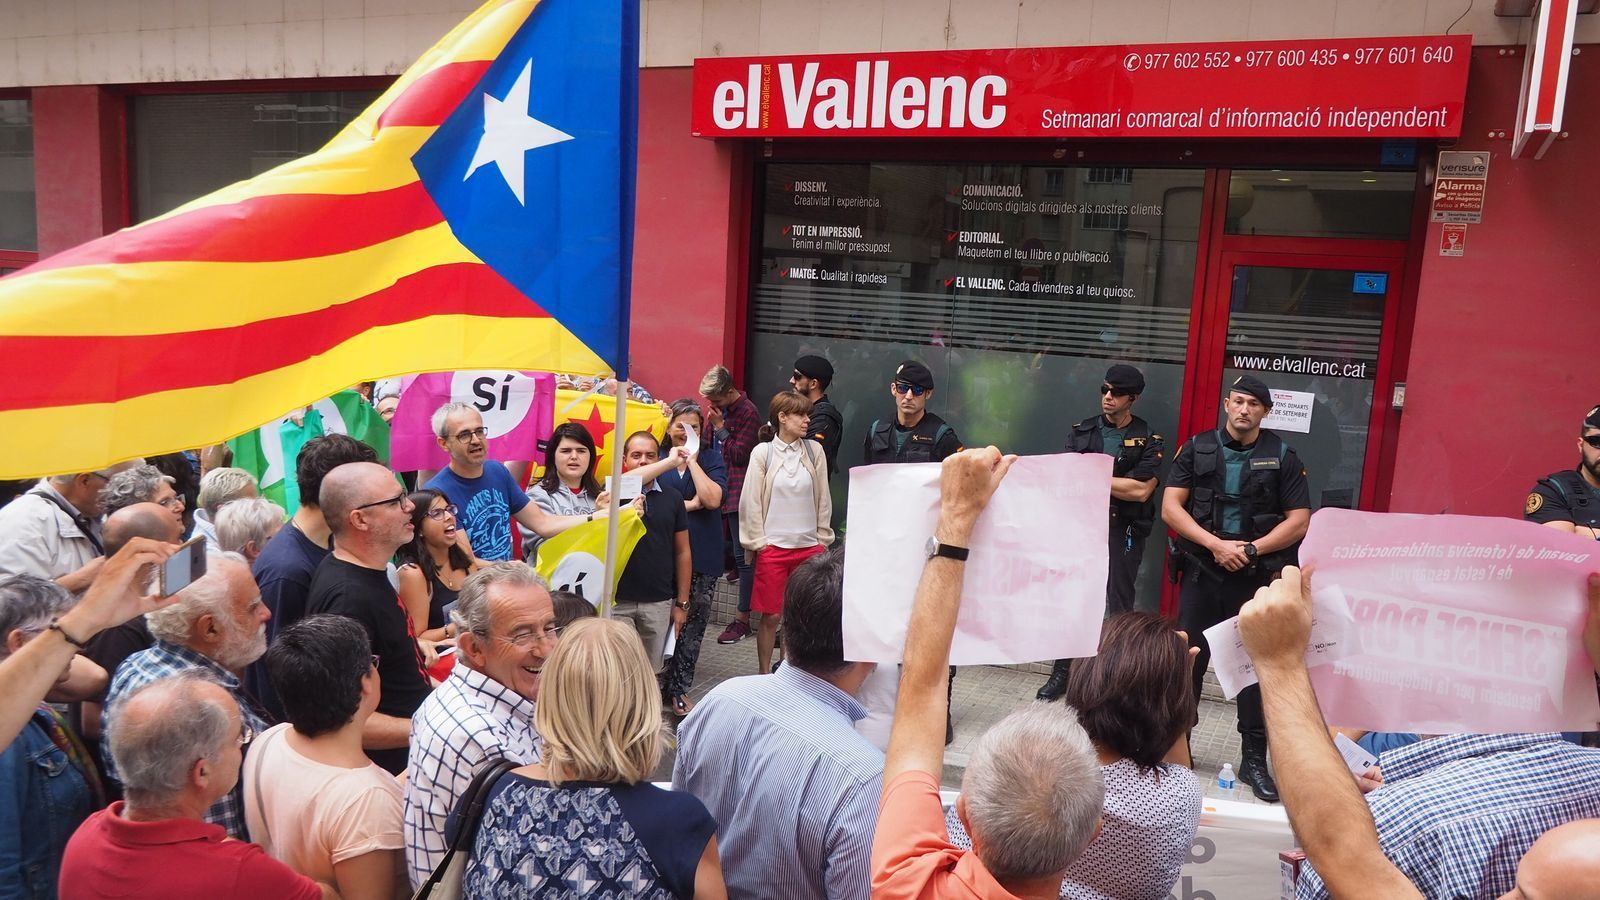 Del tancament de webs a la denúncia de manipulació a TVE: 110 restriccions de la llibertat d'expressió entorn de l'1-O